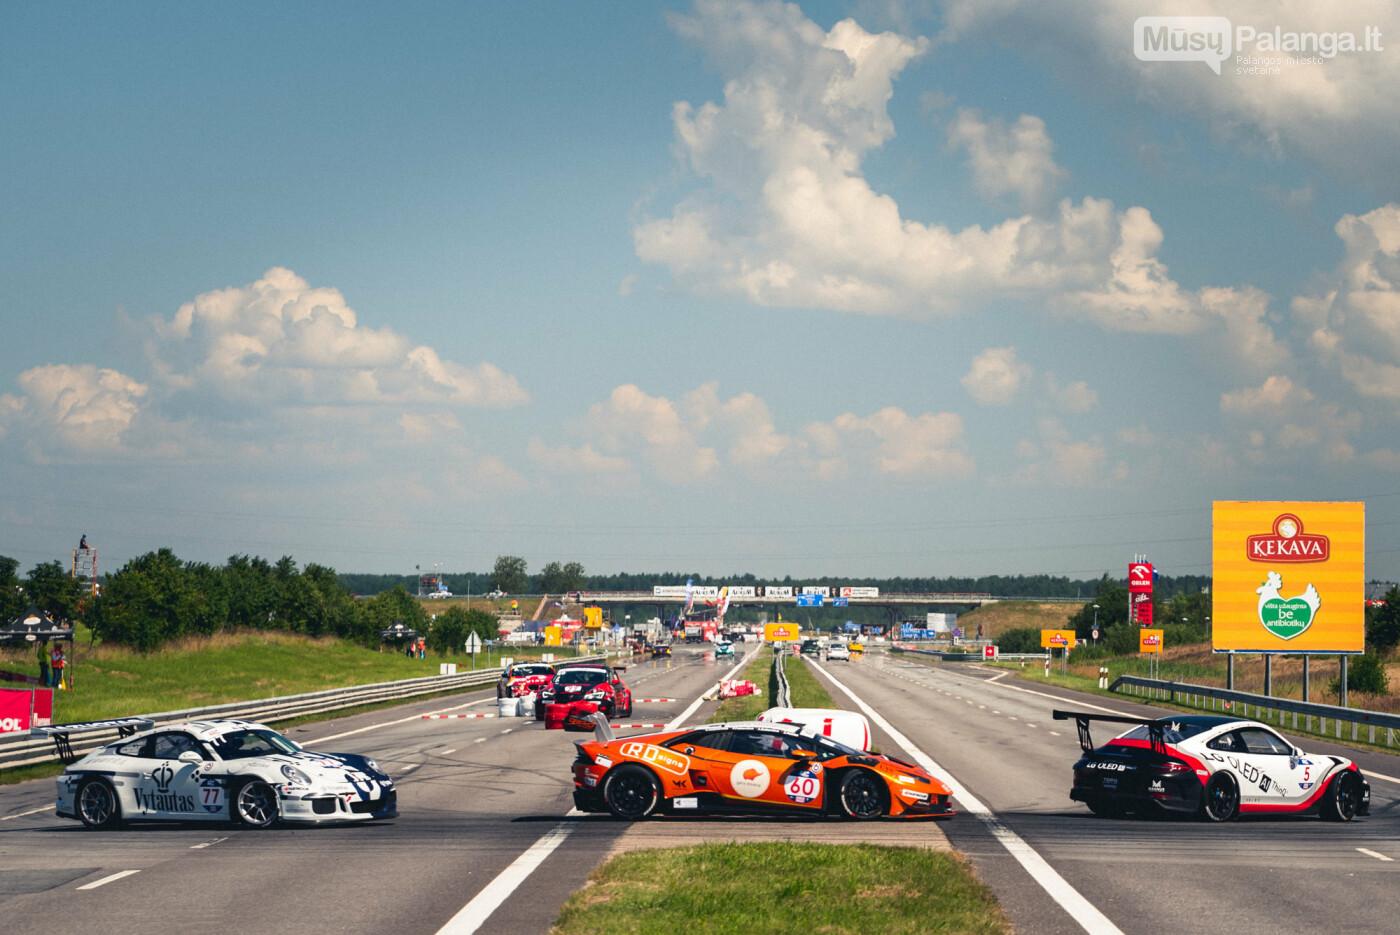 """Įpusėjo """"Aurum 1006 km lenktynės"""", nuotrauka-8, Vytauto PILKAUSKO ir Arno STRUMILOS nuotr."""